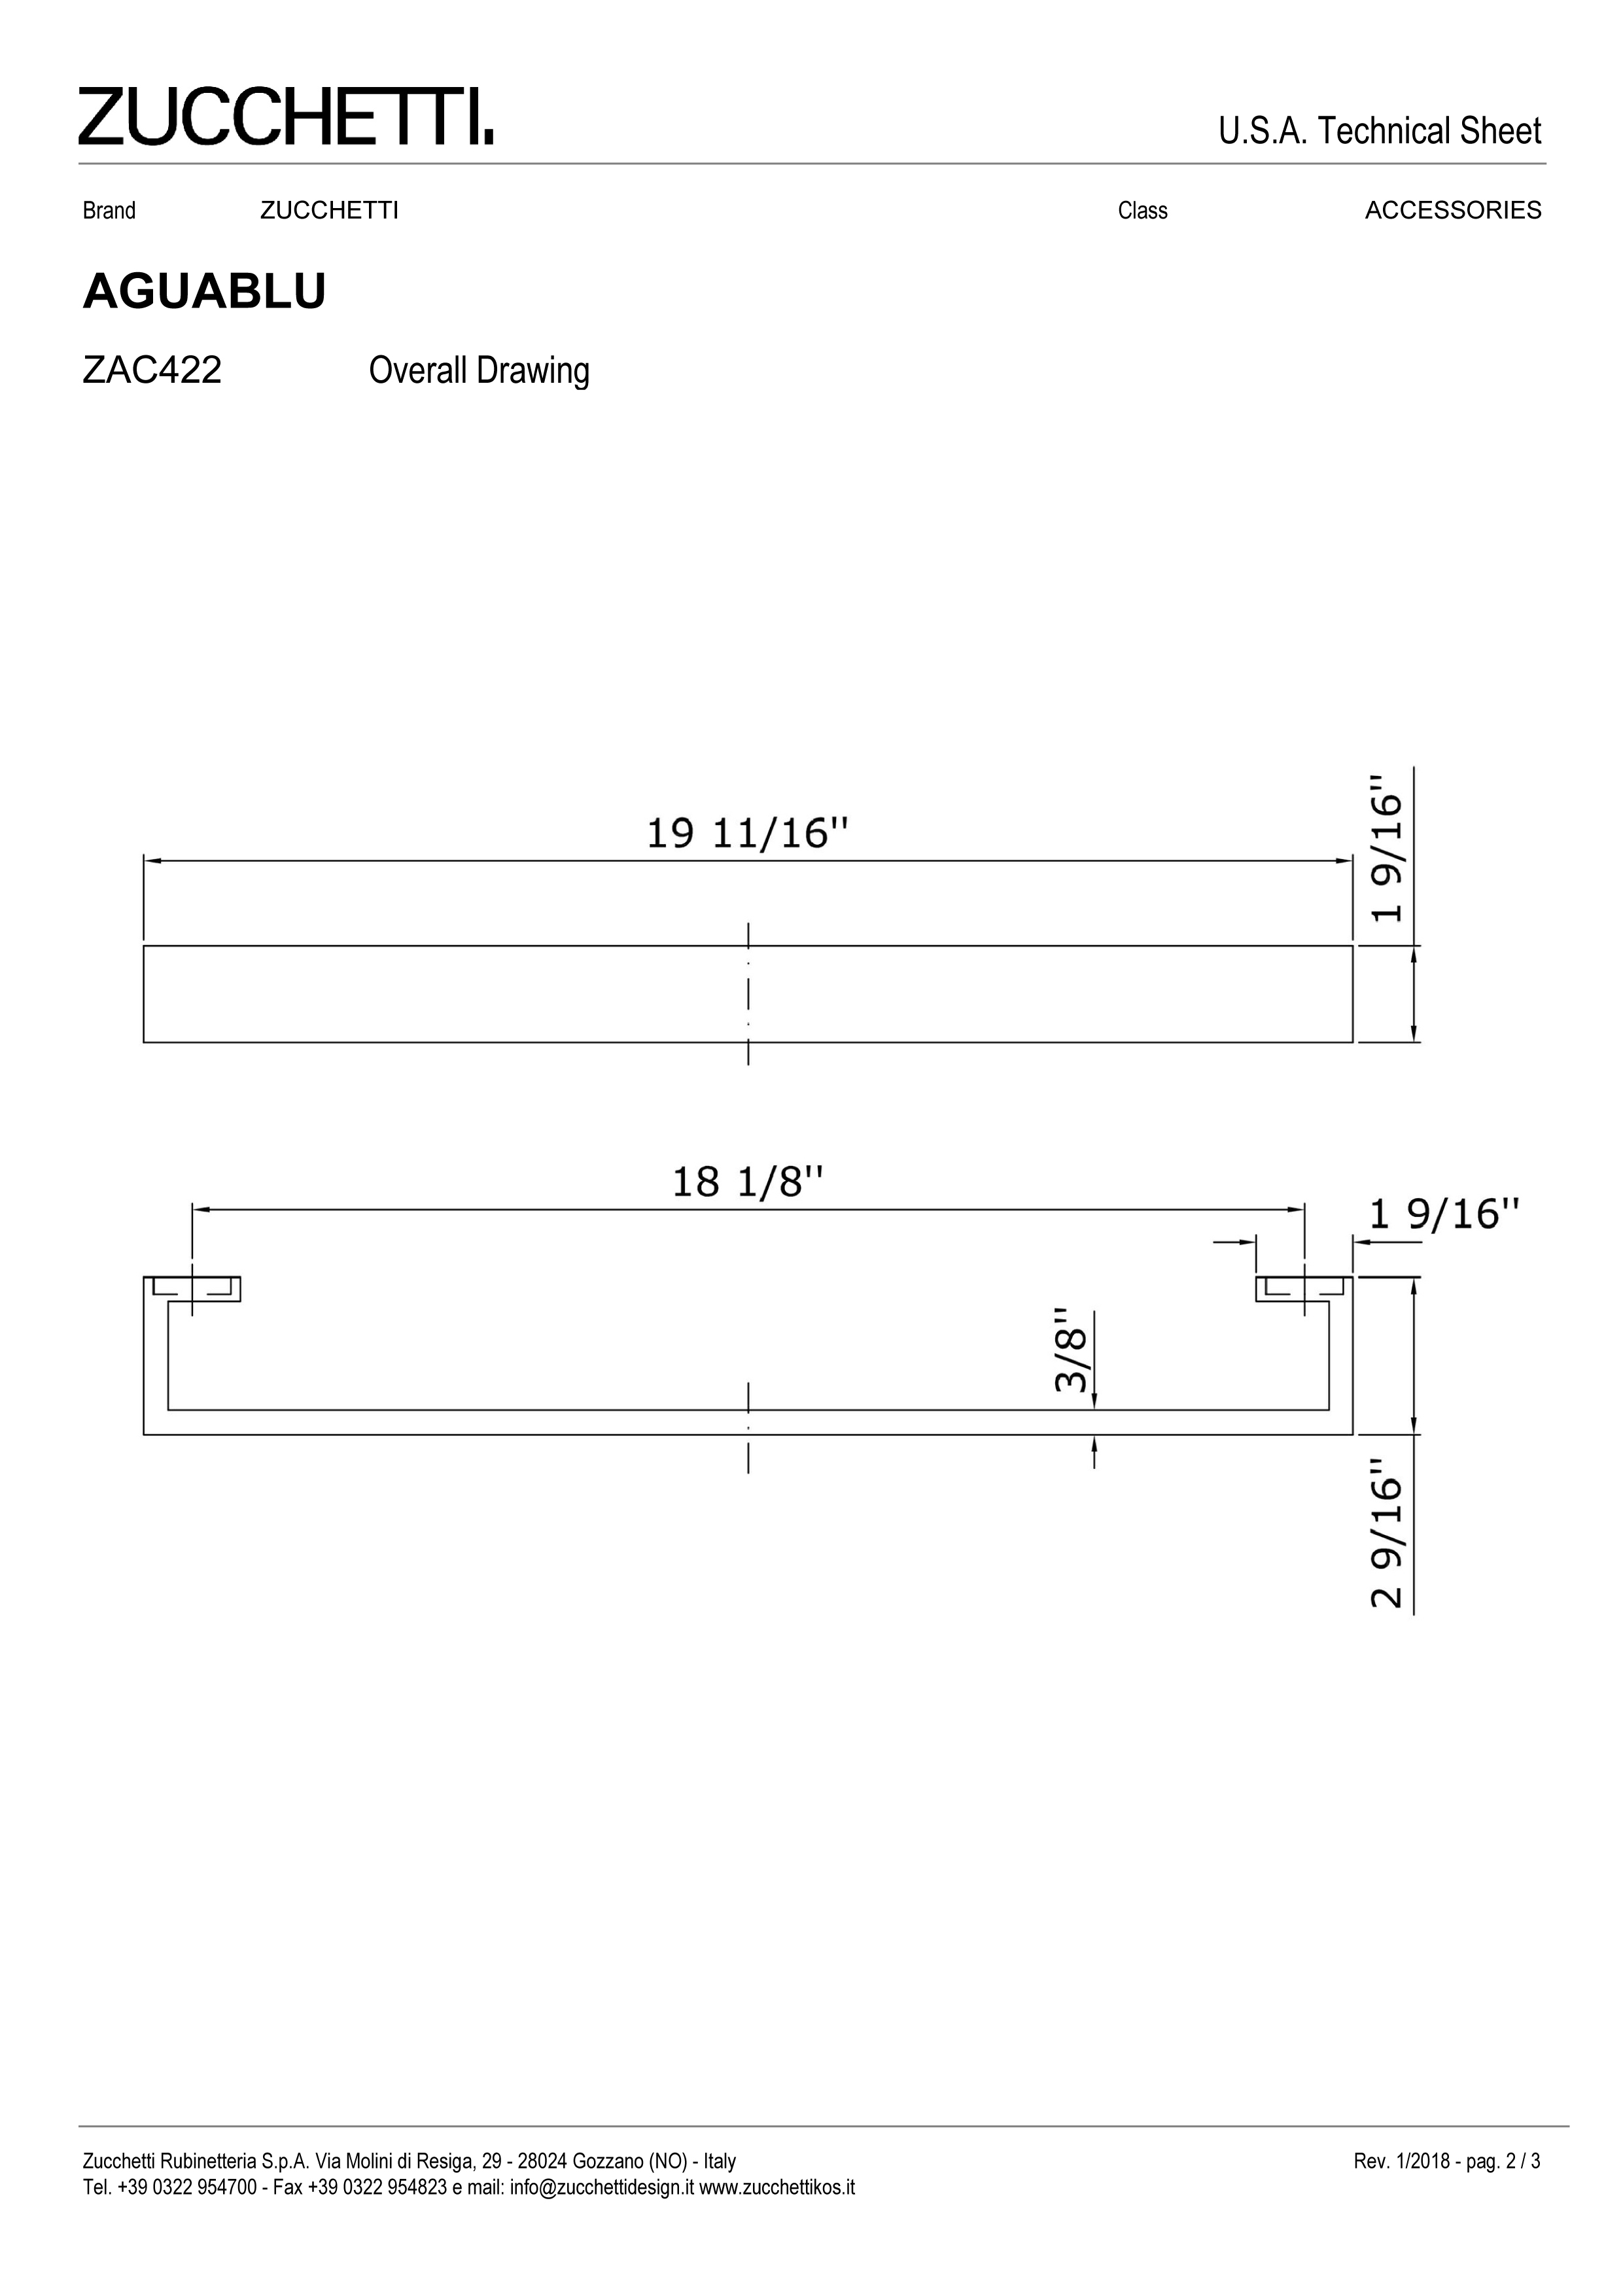 Zuchetti Aquablu towel rail, 50 w x 6,5 projection x 4cm tall, PC, BN-2.jpg